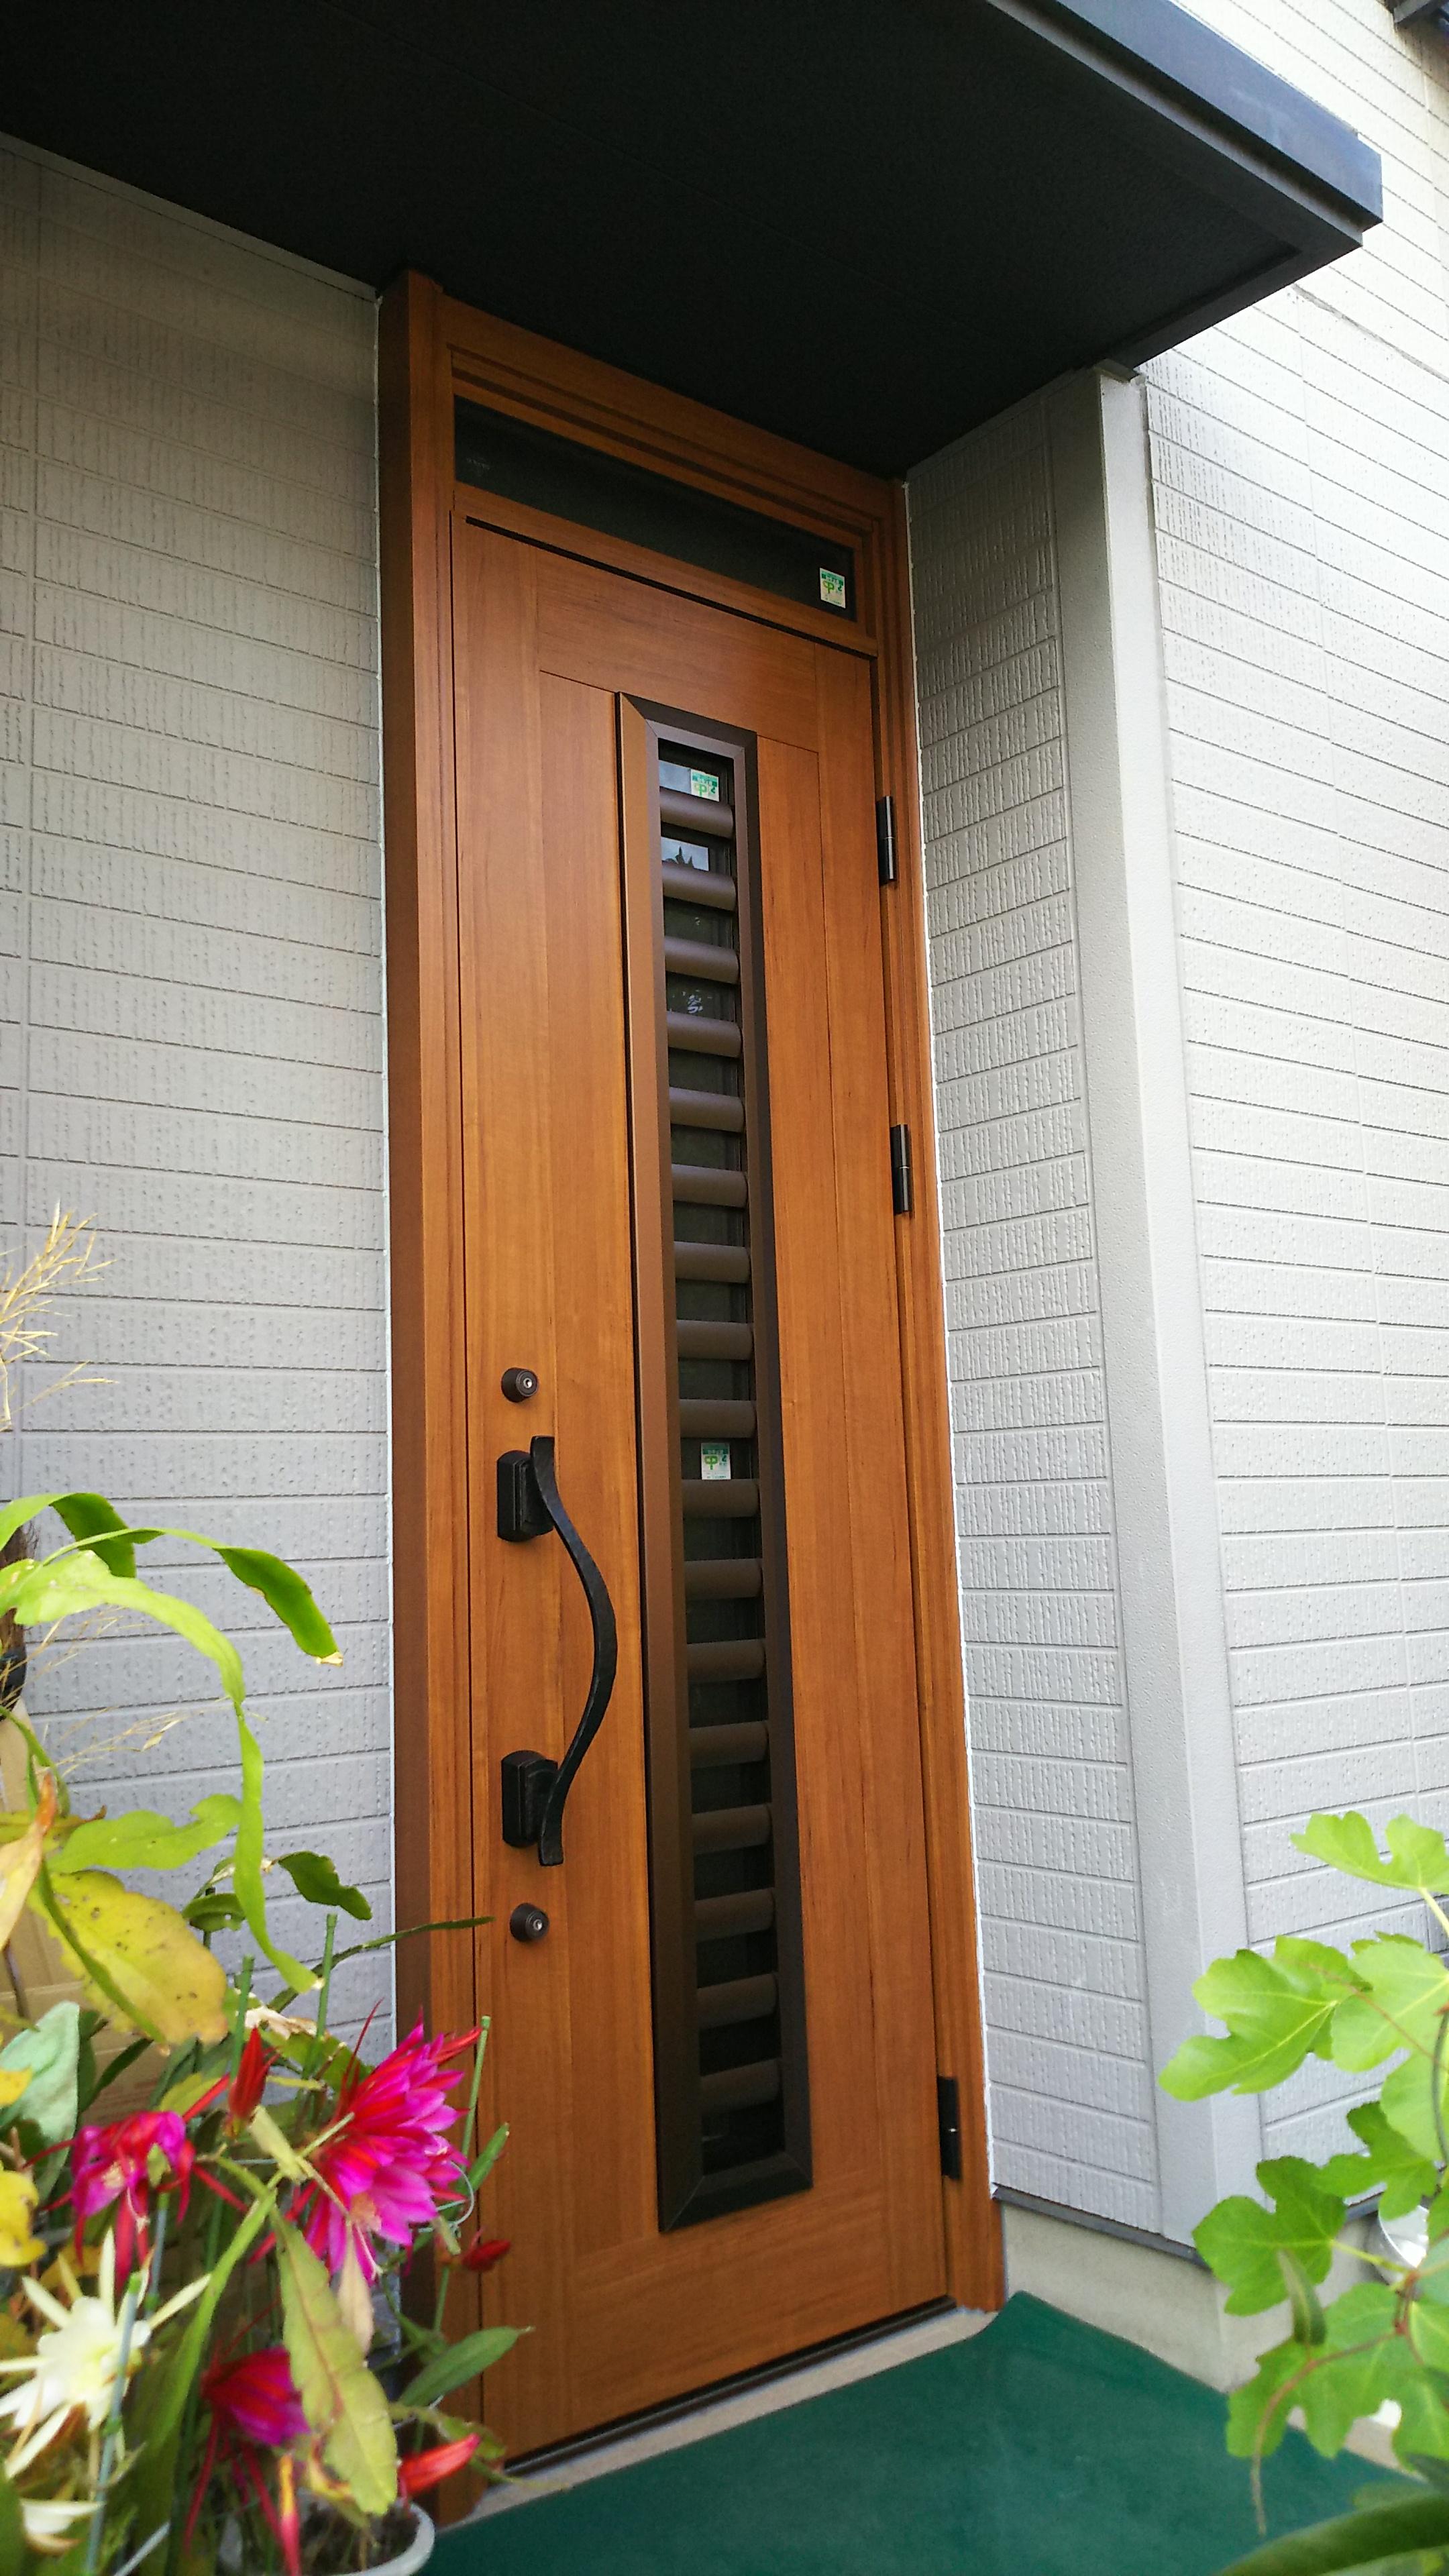 ドアカバーで玄関を明るく、快適に